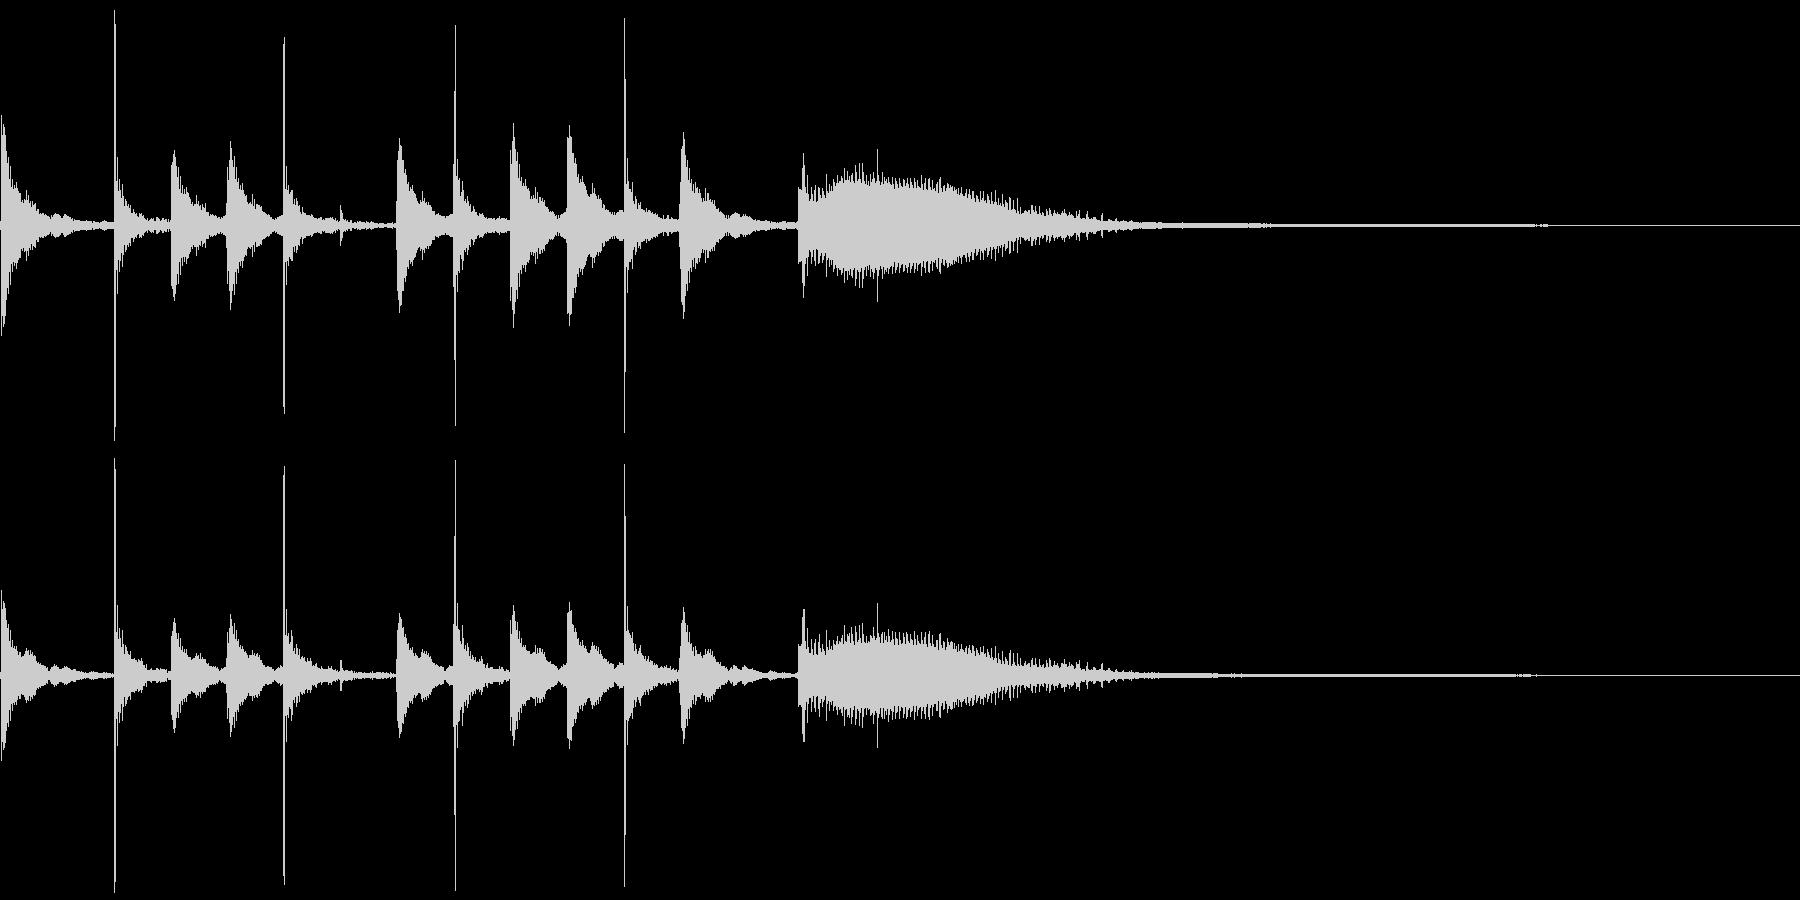 気の抜けたパーカッションのフレーズ 1Aの未再生の波形